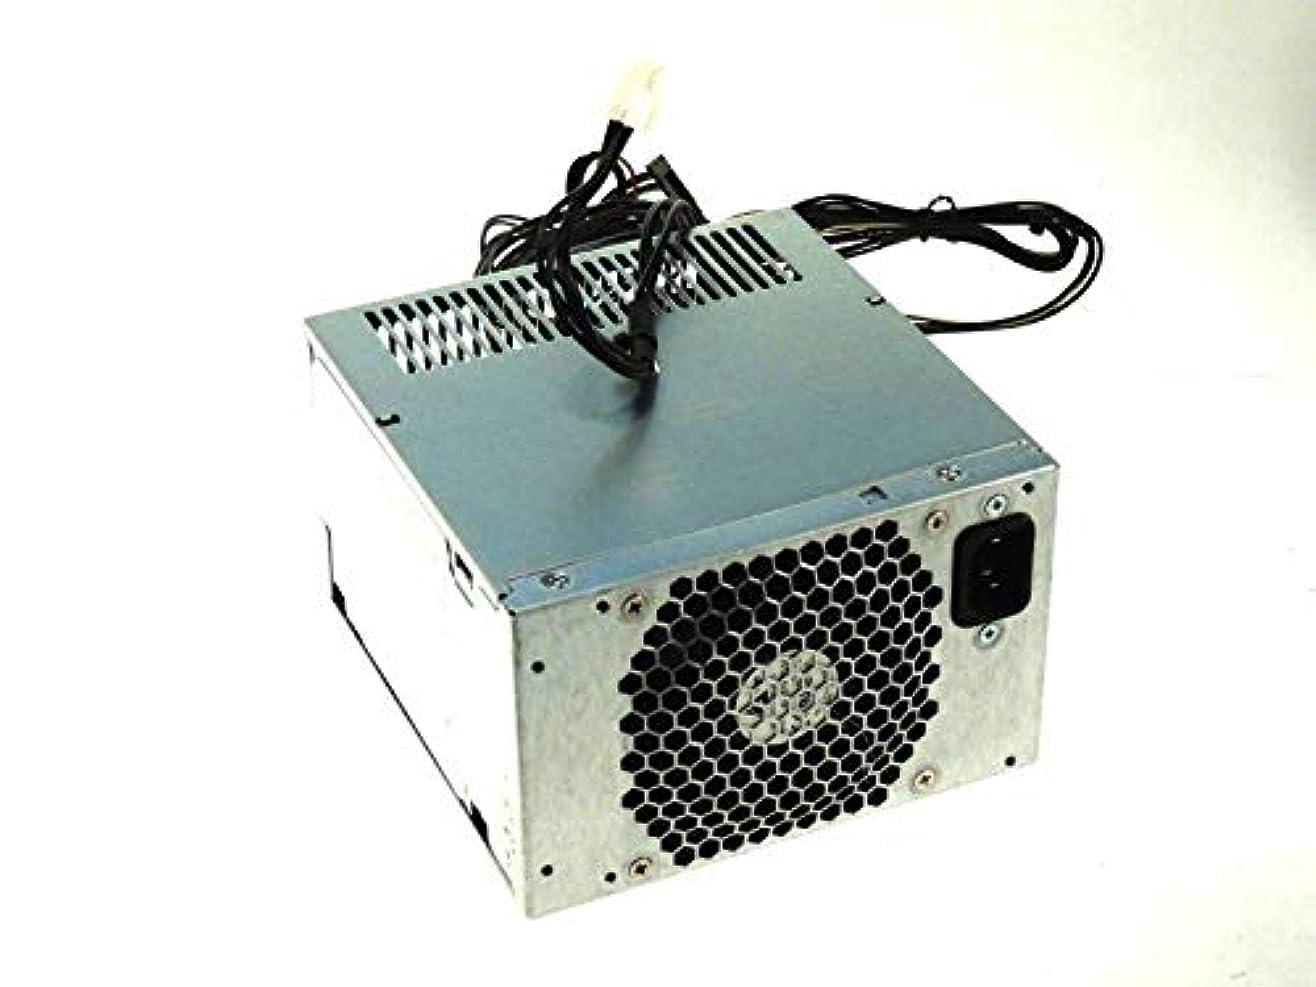 民間人縮約控えめな(修理交換用) 電源ユニット/パワーサプライ 適用するHP Z200 Workstations 電源ユニット 320W DPS-320KB-1 A SN: 502629-001,535799-001